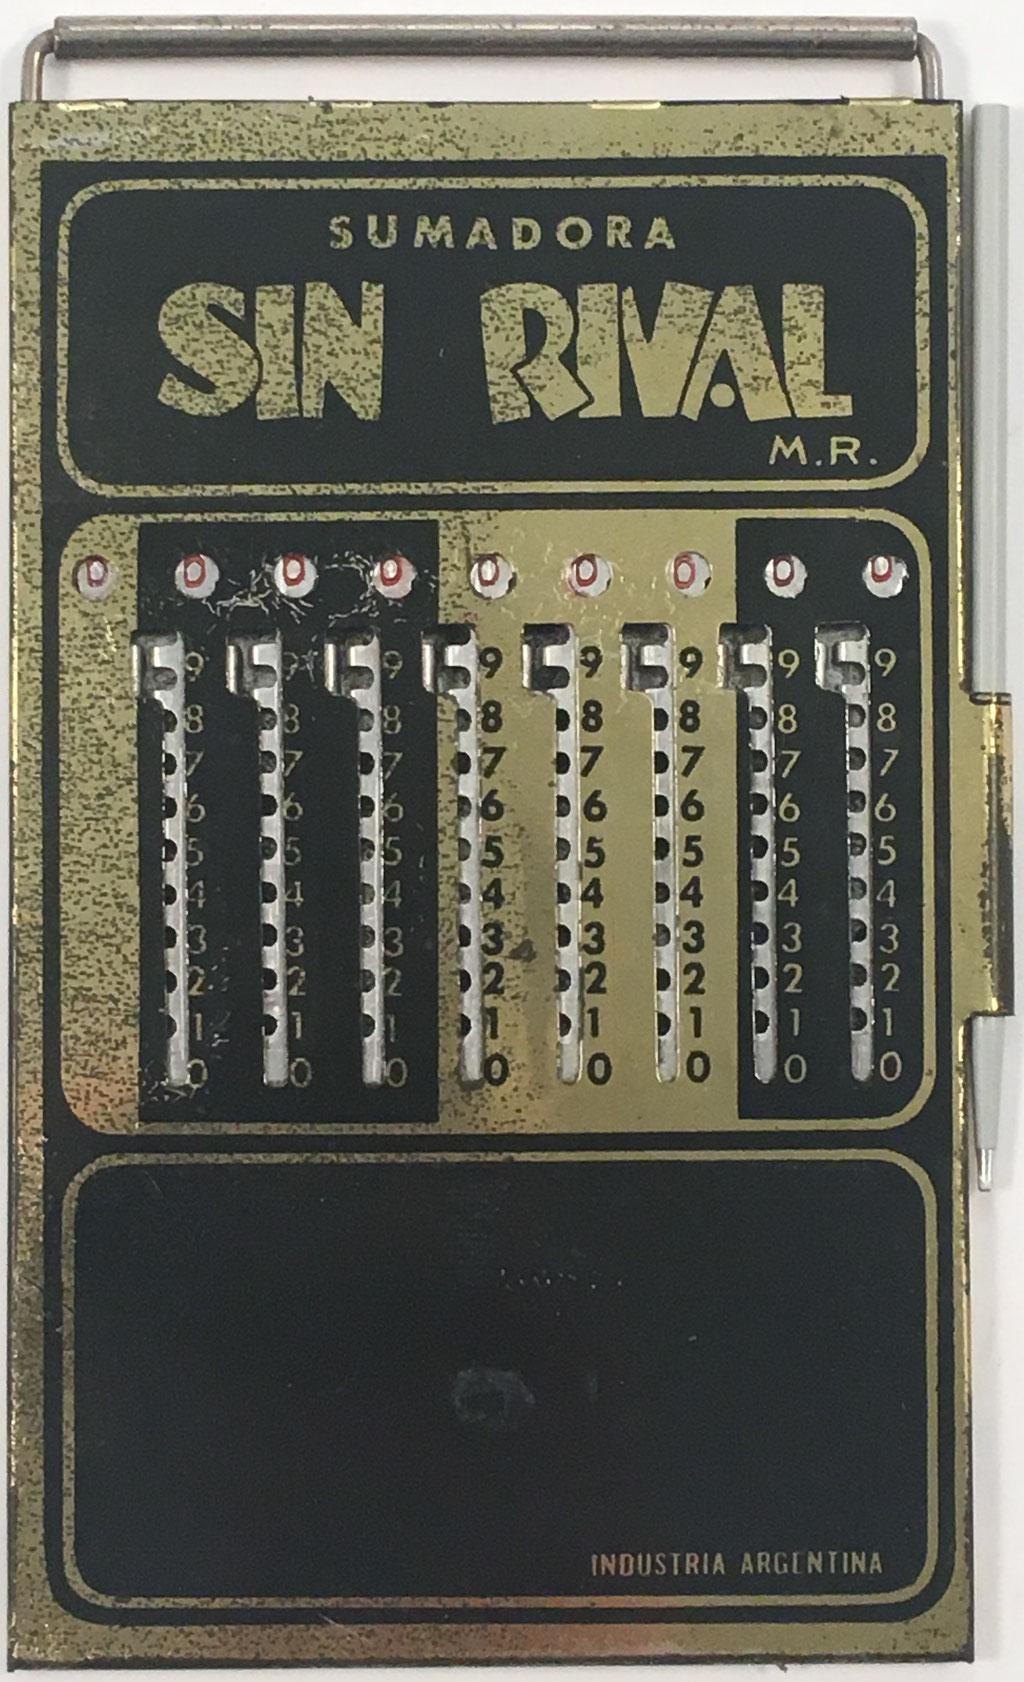 Ábaco de ranuras SIN RIVAL M. R., Argentina, hacia 1930, 9x15 cm